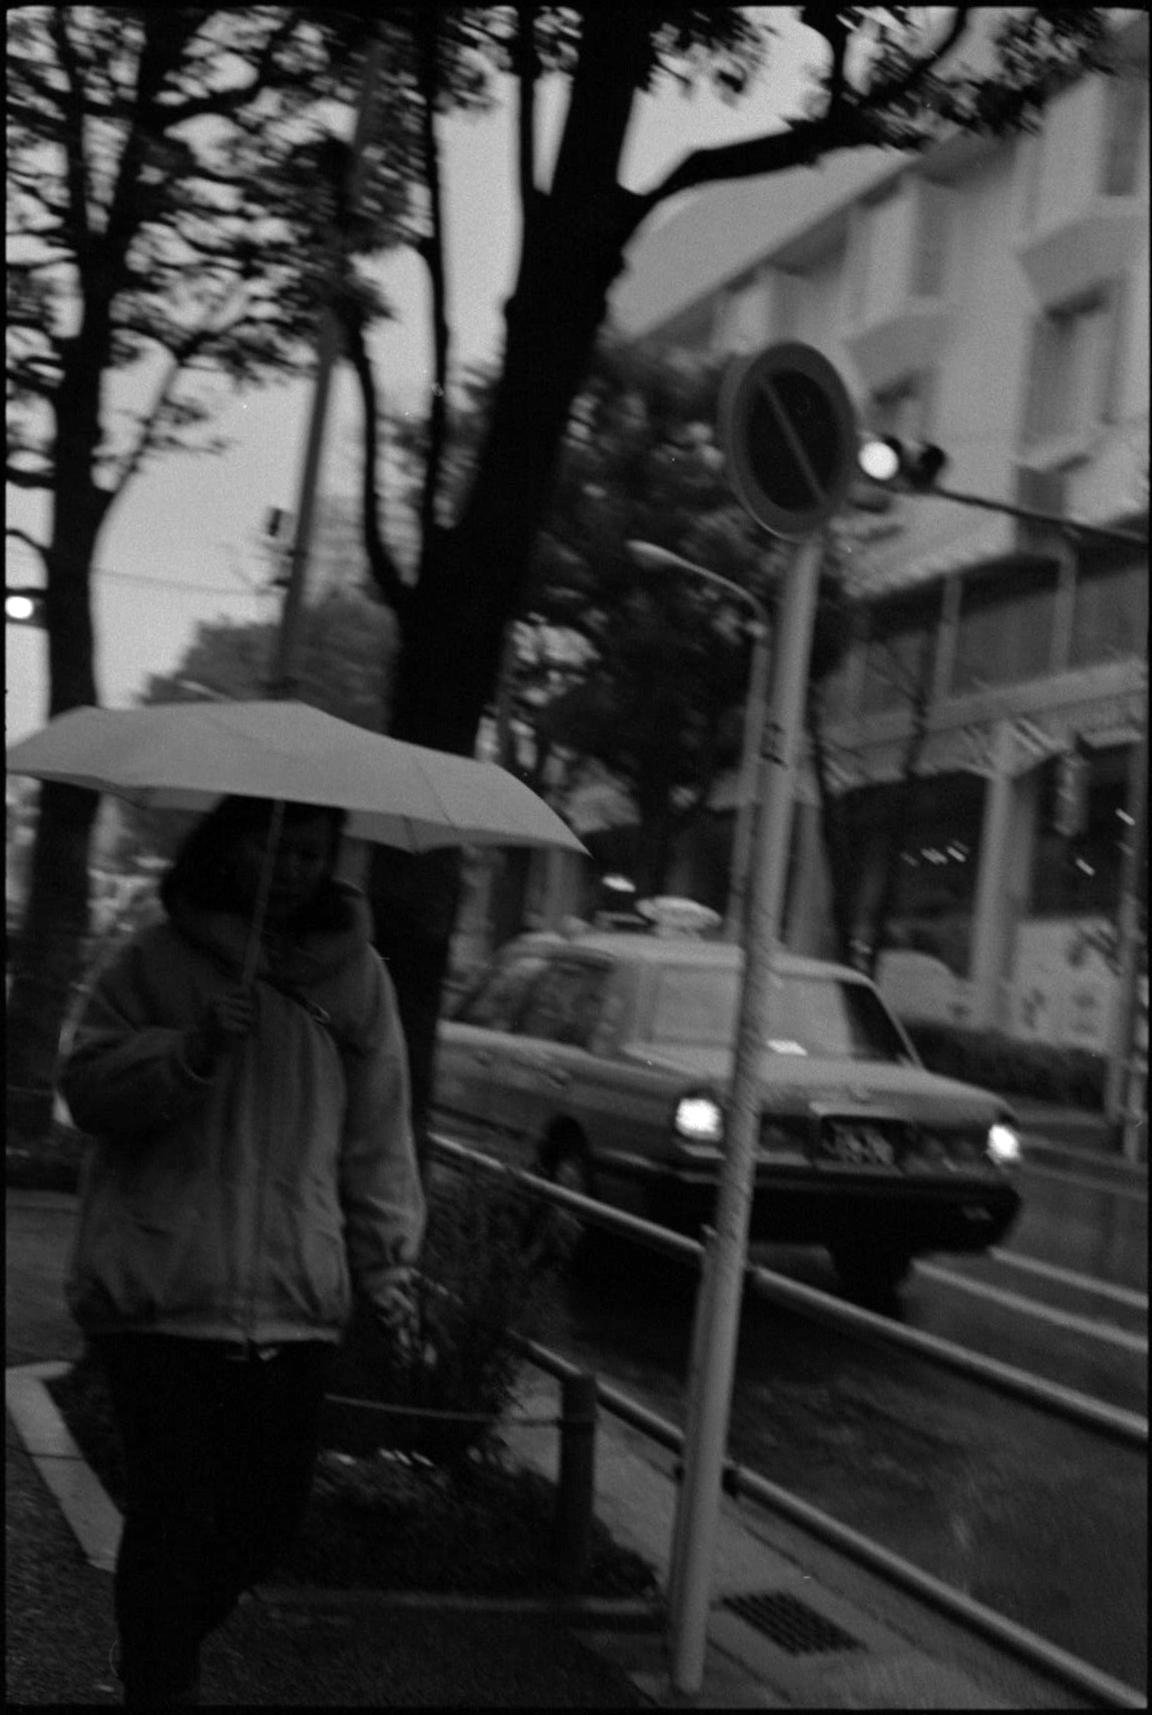 20140313 LeicaM4-P Summicron50-1 NP400 SPD  002